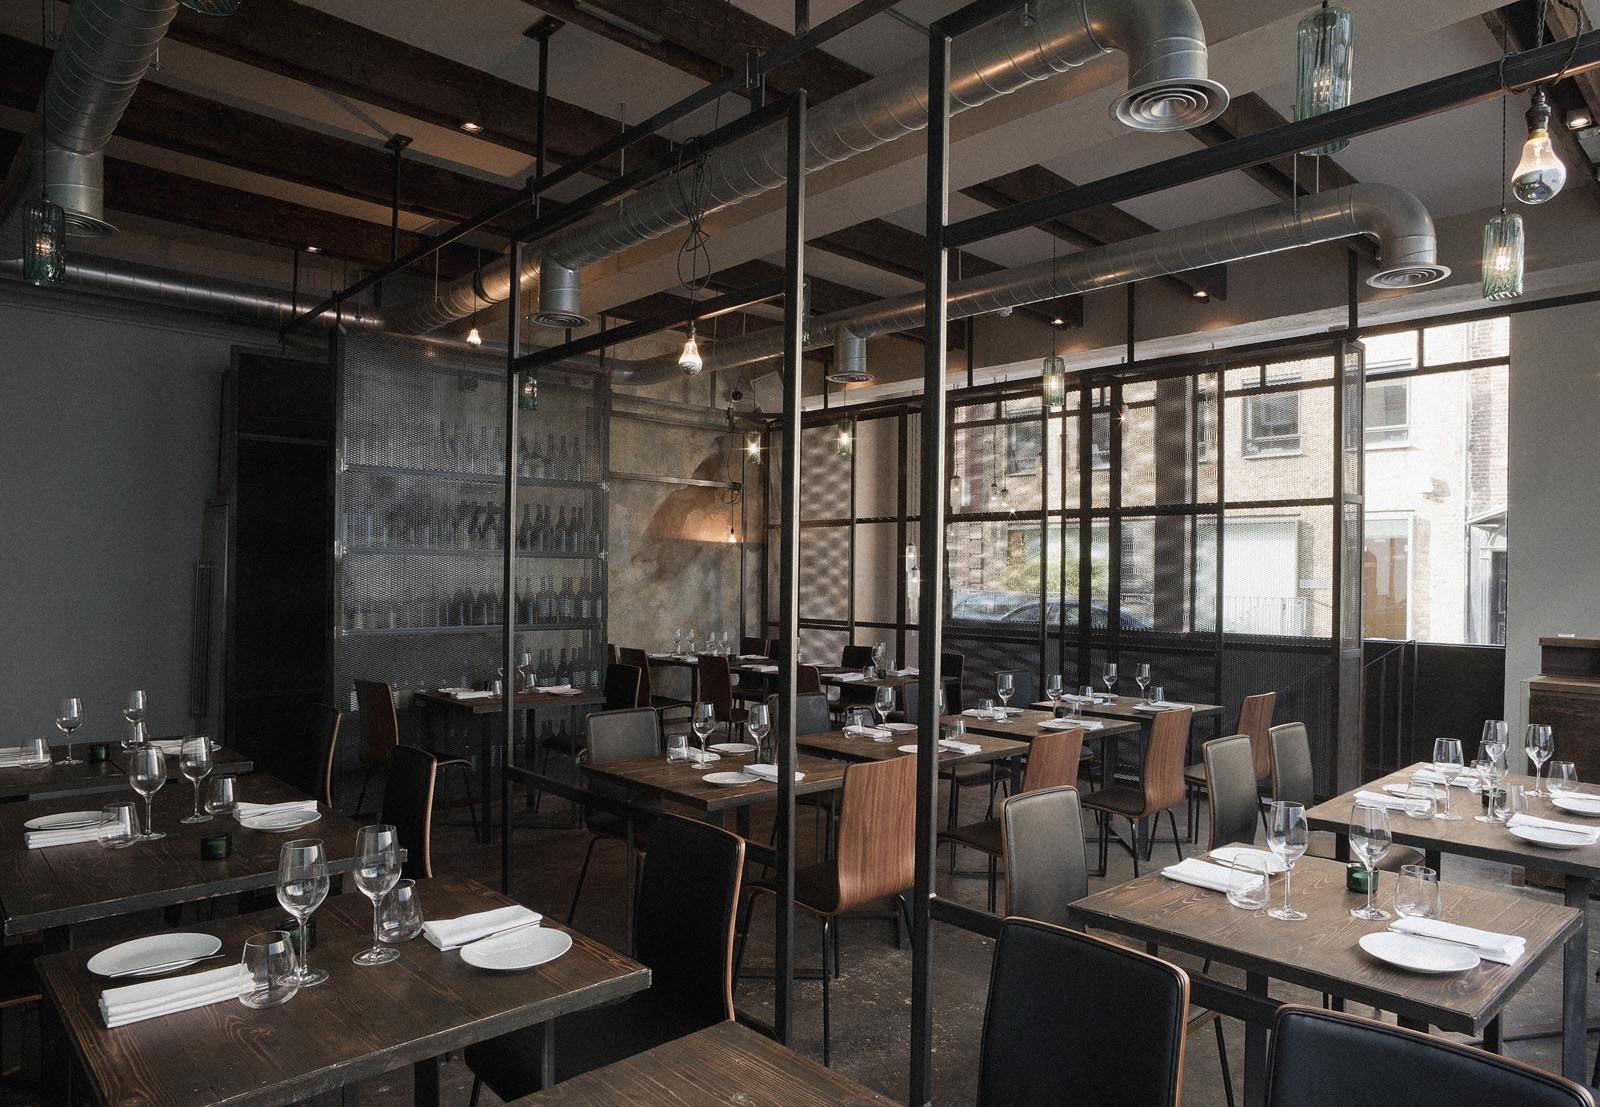 Restaurant interior design industrial environm